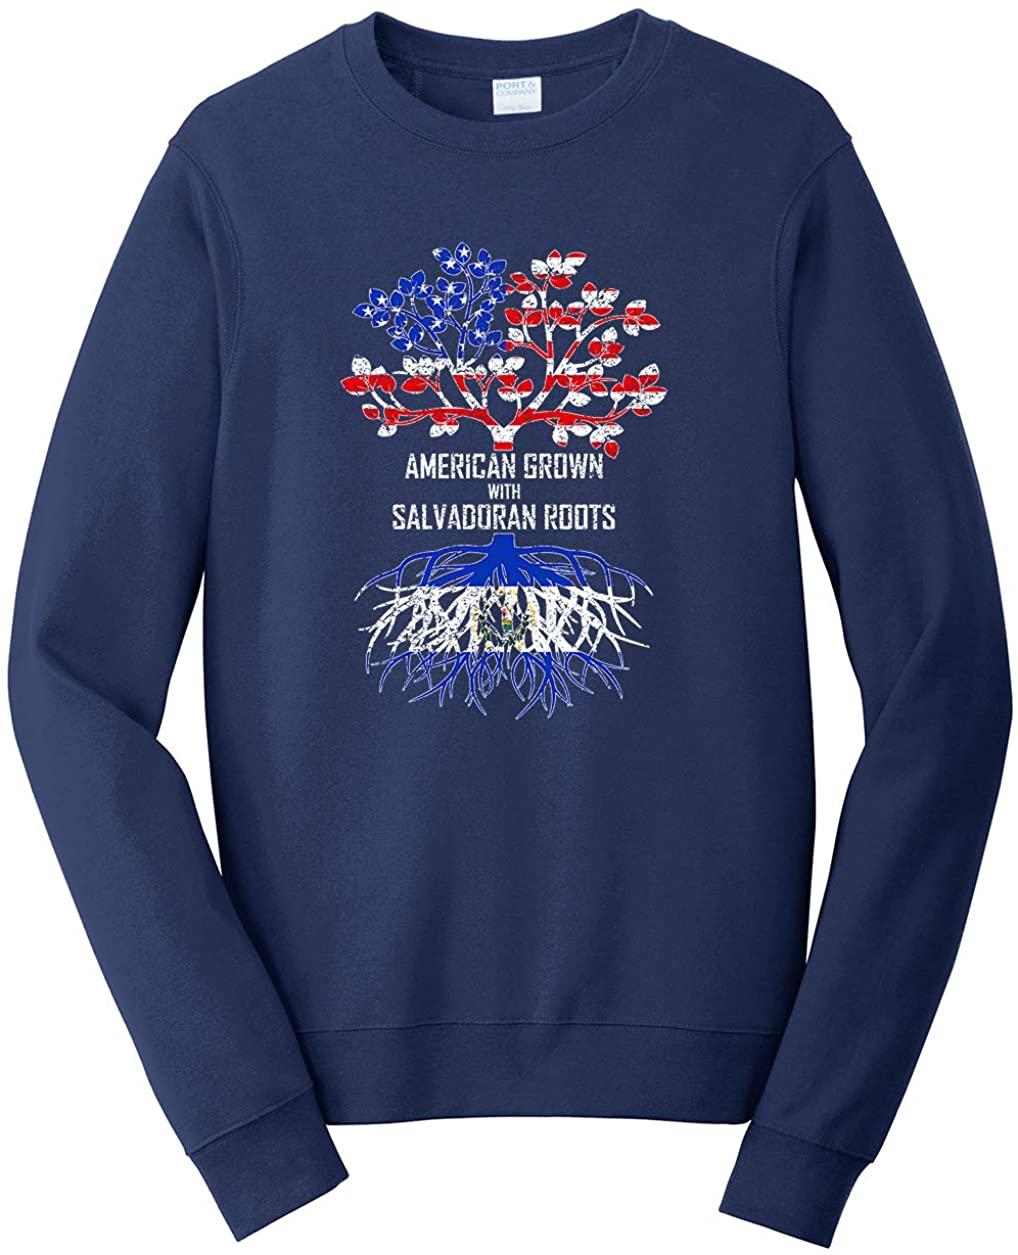 Tenacitee Men's American Grown with Salvadoran Roots Sweatshirt